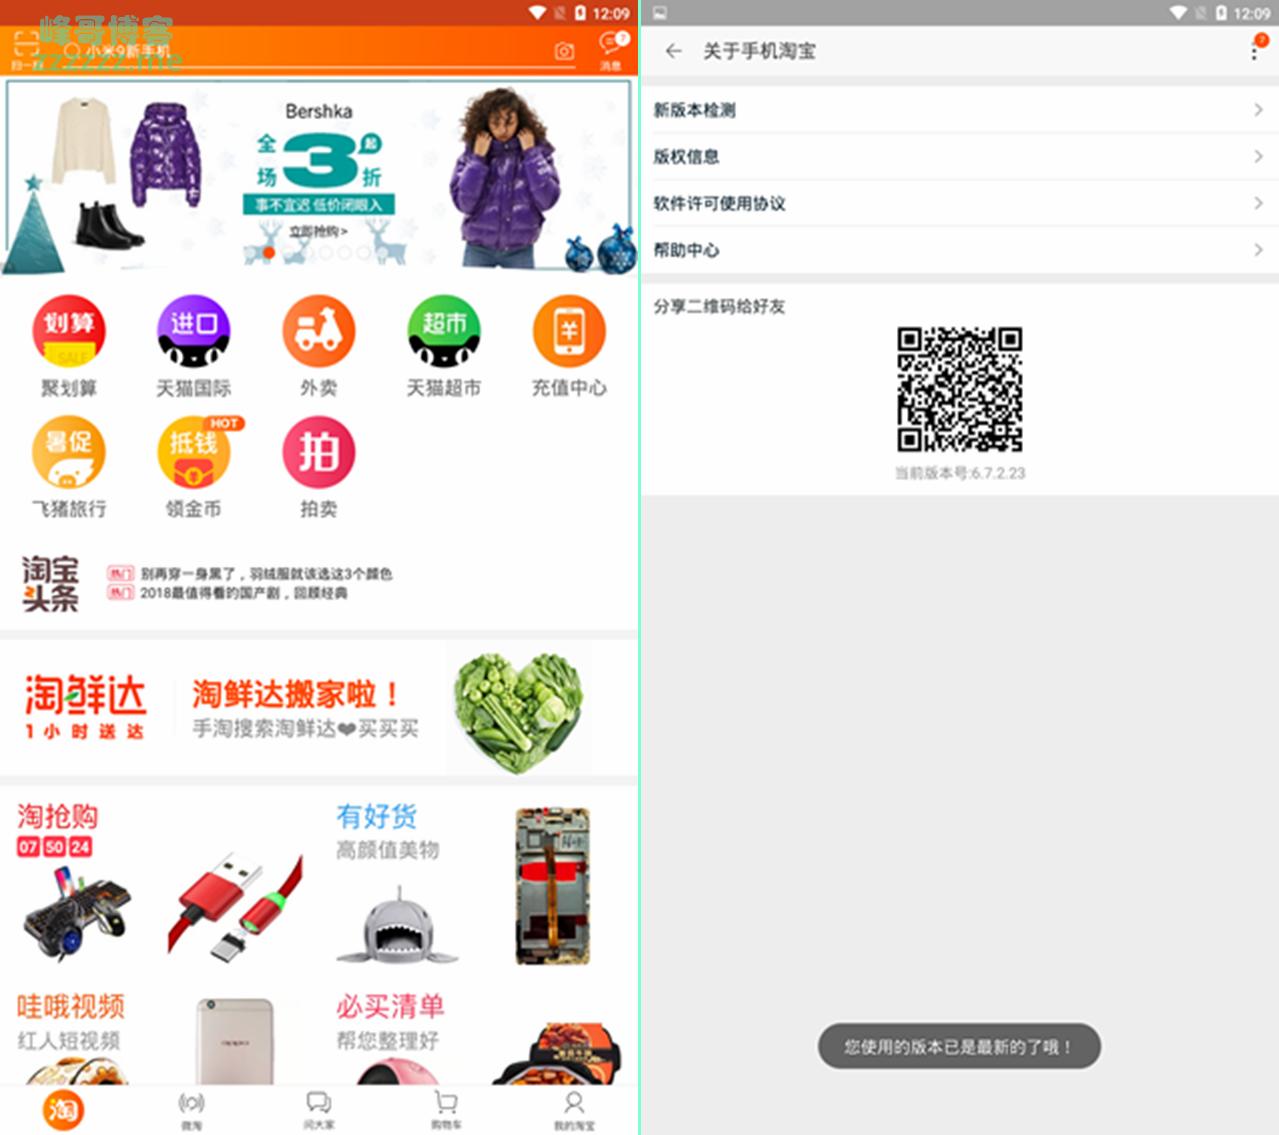 安卓手机淘宝MIUI华为定制版 低配手机不卡顿!